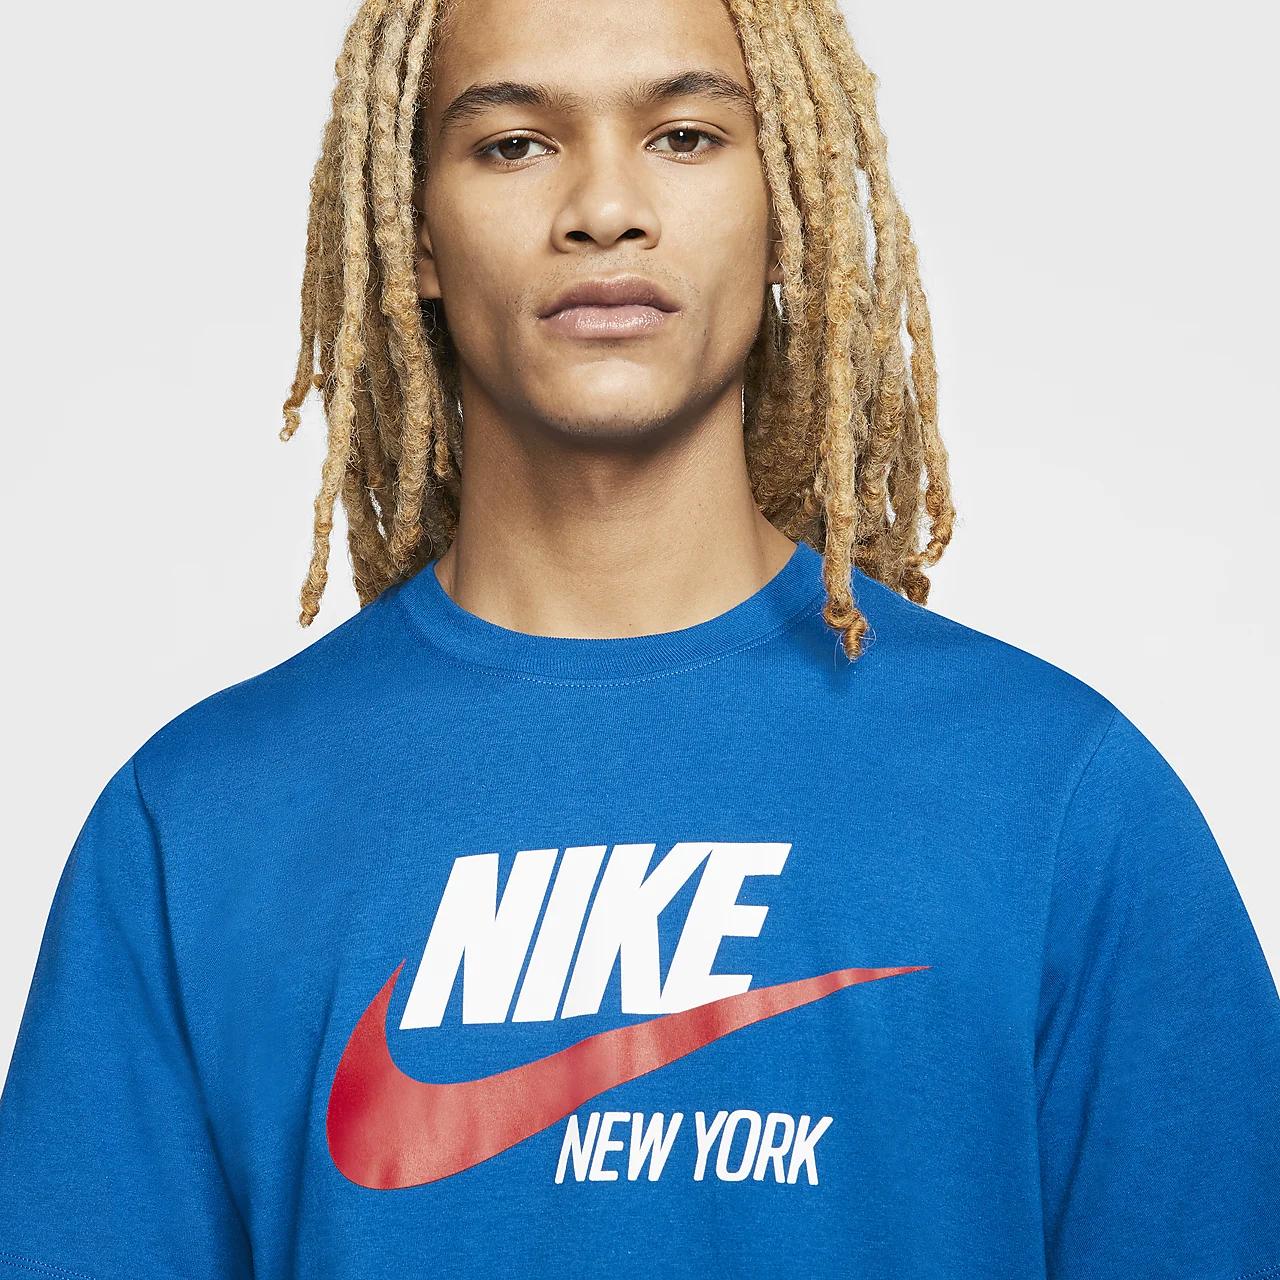 나이키 스포츠웨어 남성 티셔츠 CW0818-477